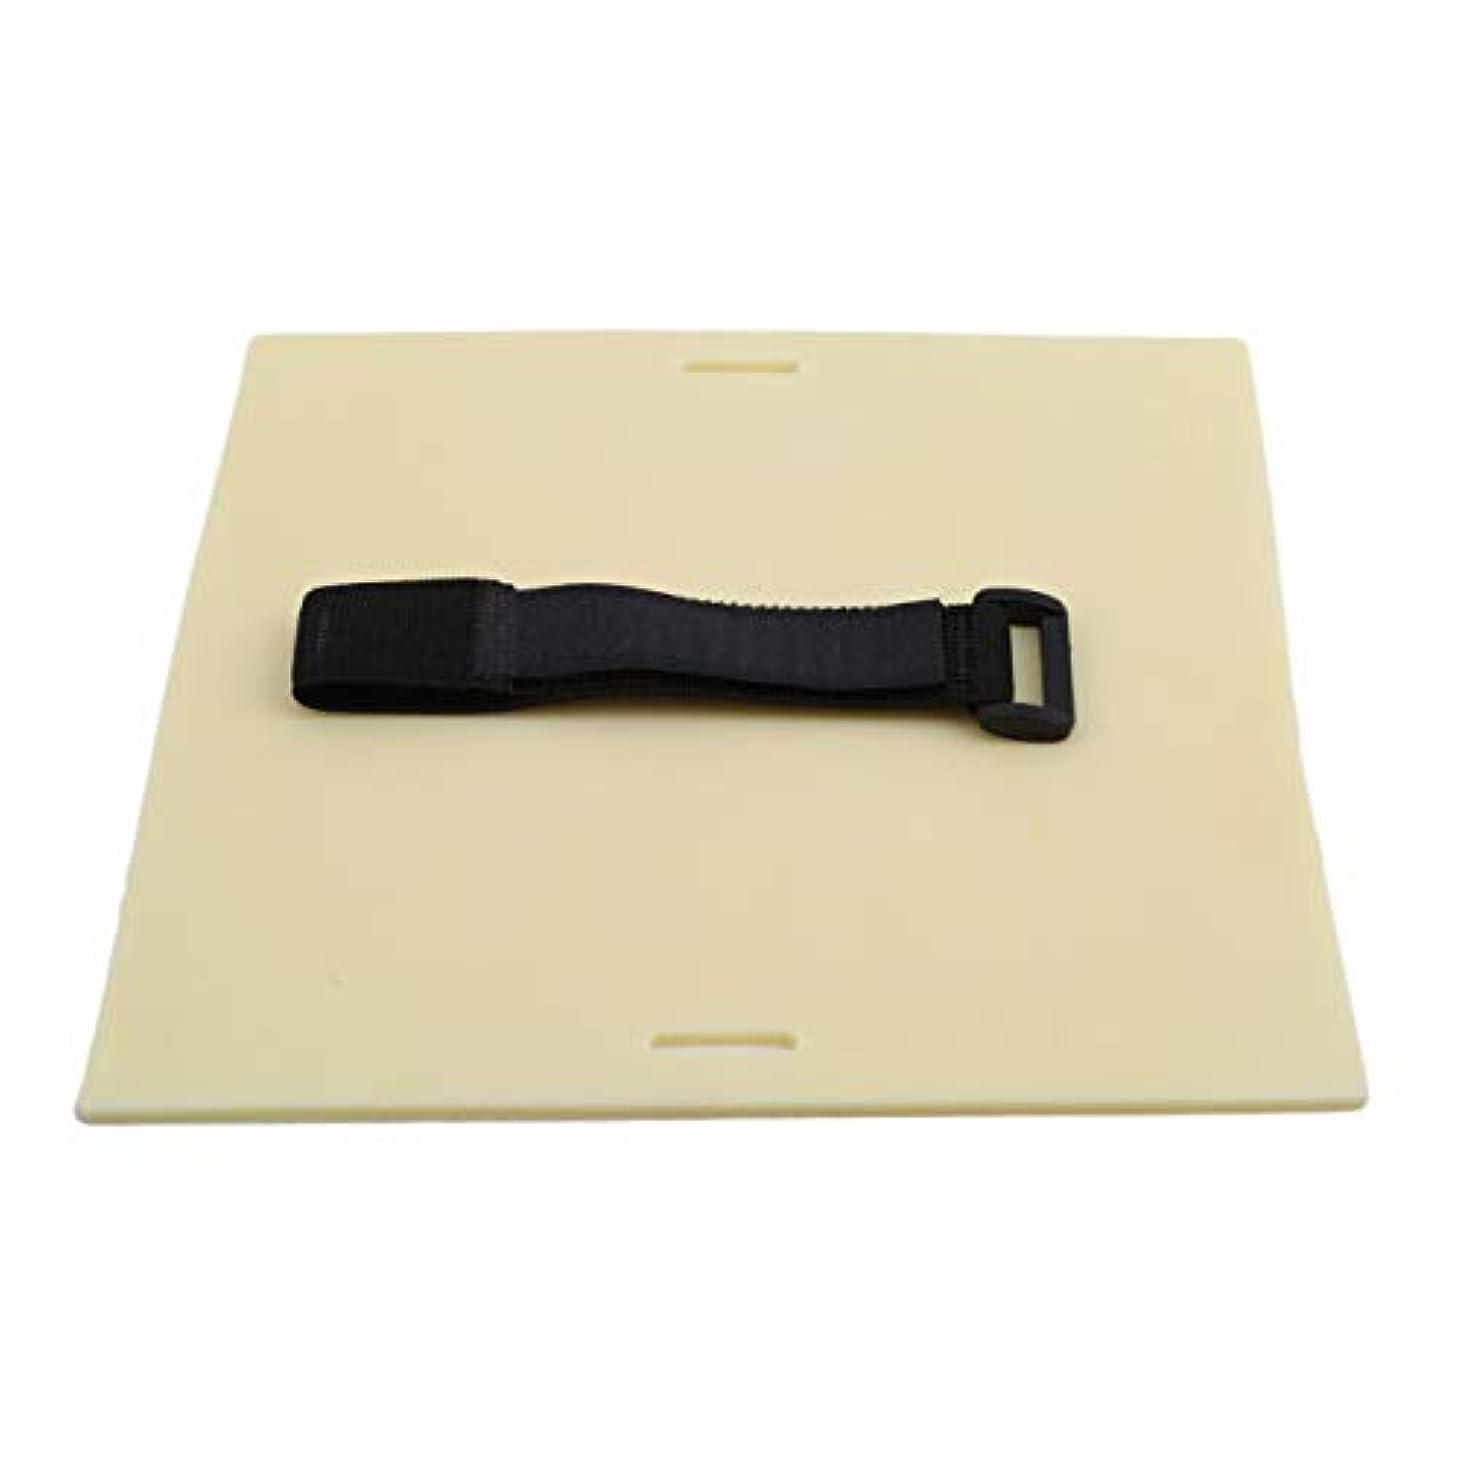 許容できる官僚振るBigsweety 1セットタトゥースキン 練習ダブルサイドなタトゥーアーティカラータトゥー練習肌 ストラップ付き (L)